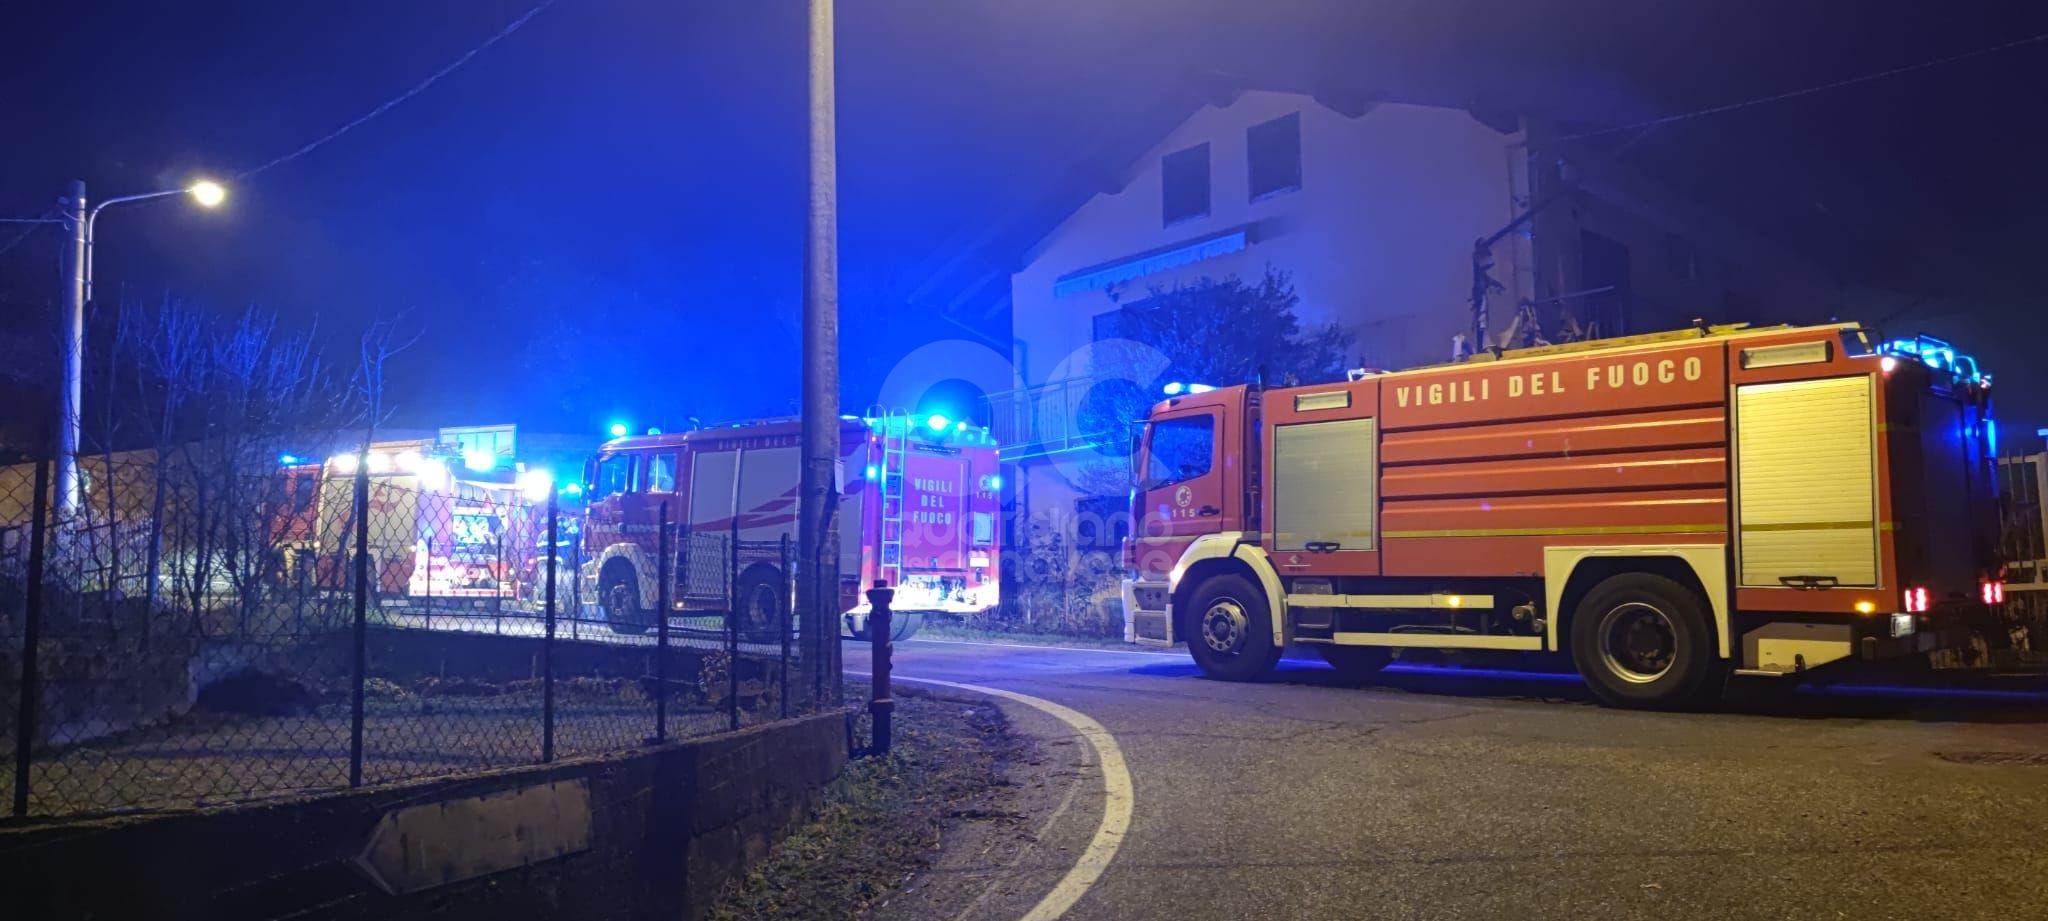 CUORGNE' - Incendio in frazione Priacco, pronto intervento dei vigili del fuoco - FOTO e VIDEO